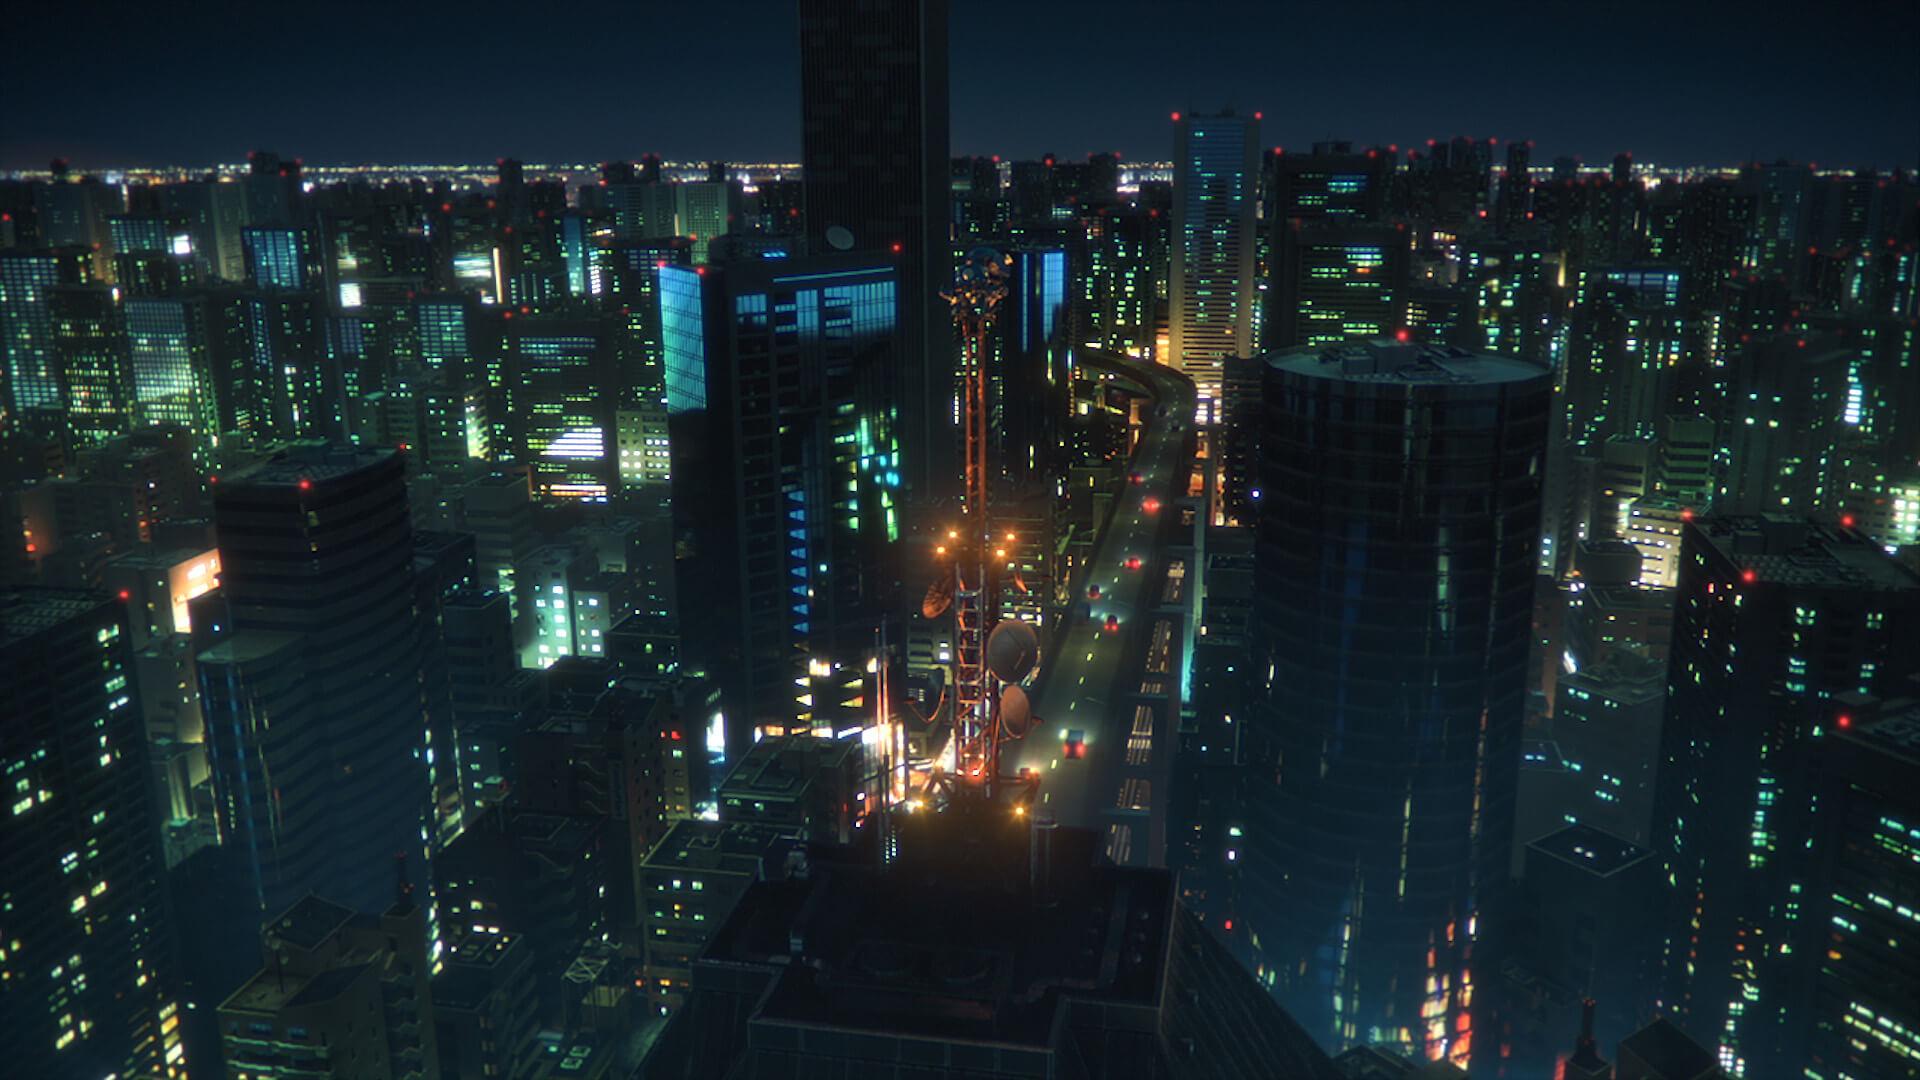 新シーンも収録した『攻殻機動隊 SAC_2045』の劇場版が公開決定!神山健治、荒牧伸志両監督からコメントも film210708_ghostintheshell_5